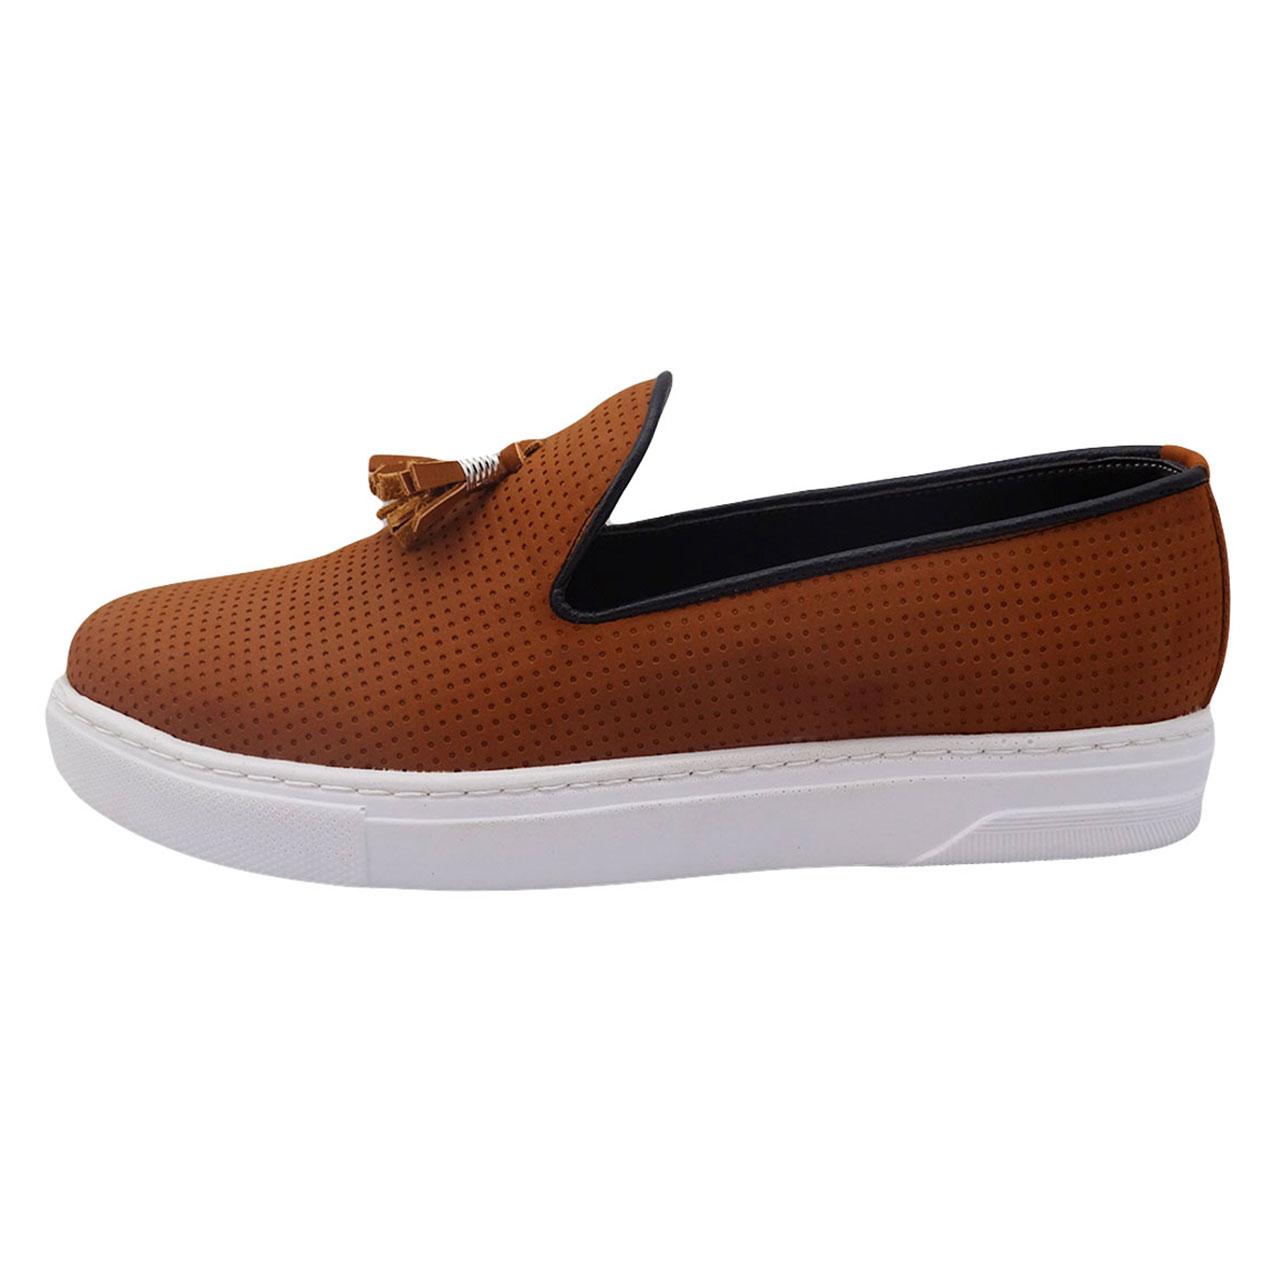 کفش چرم مردانه مدل کالج کد A31